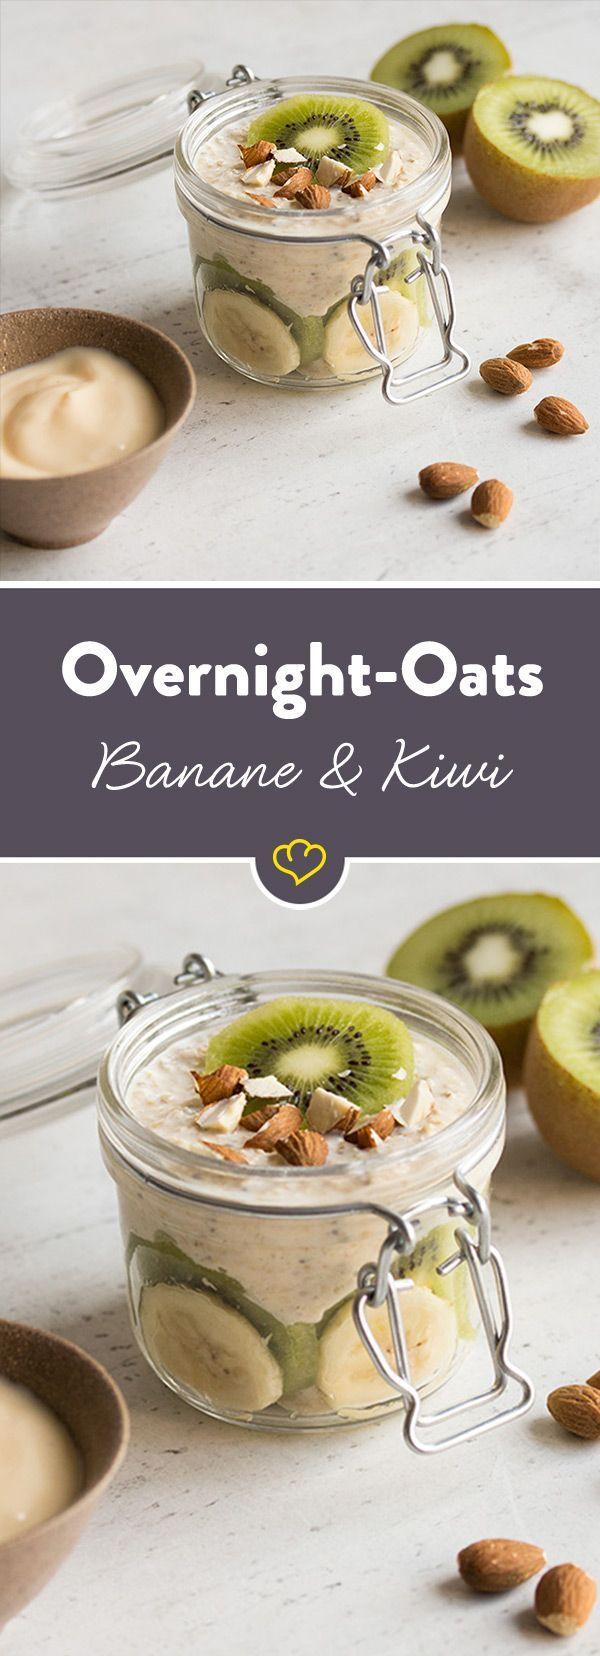 Bananen-Kiwi Overnight Oats #workoutfood